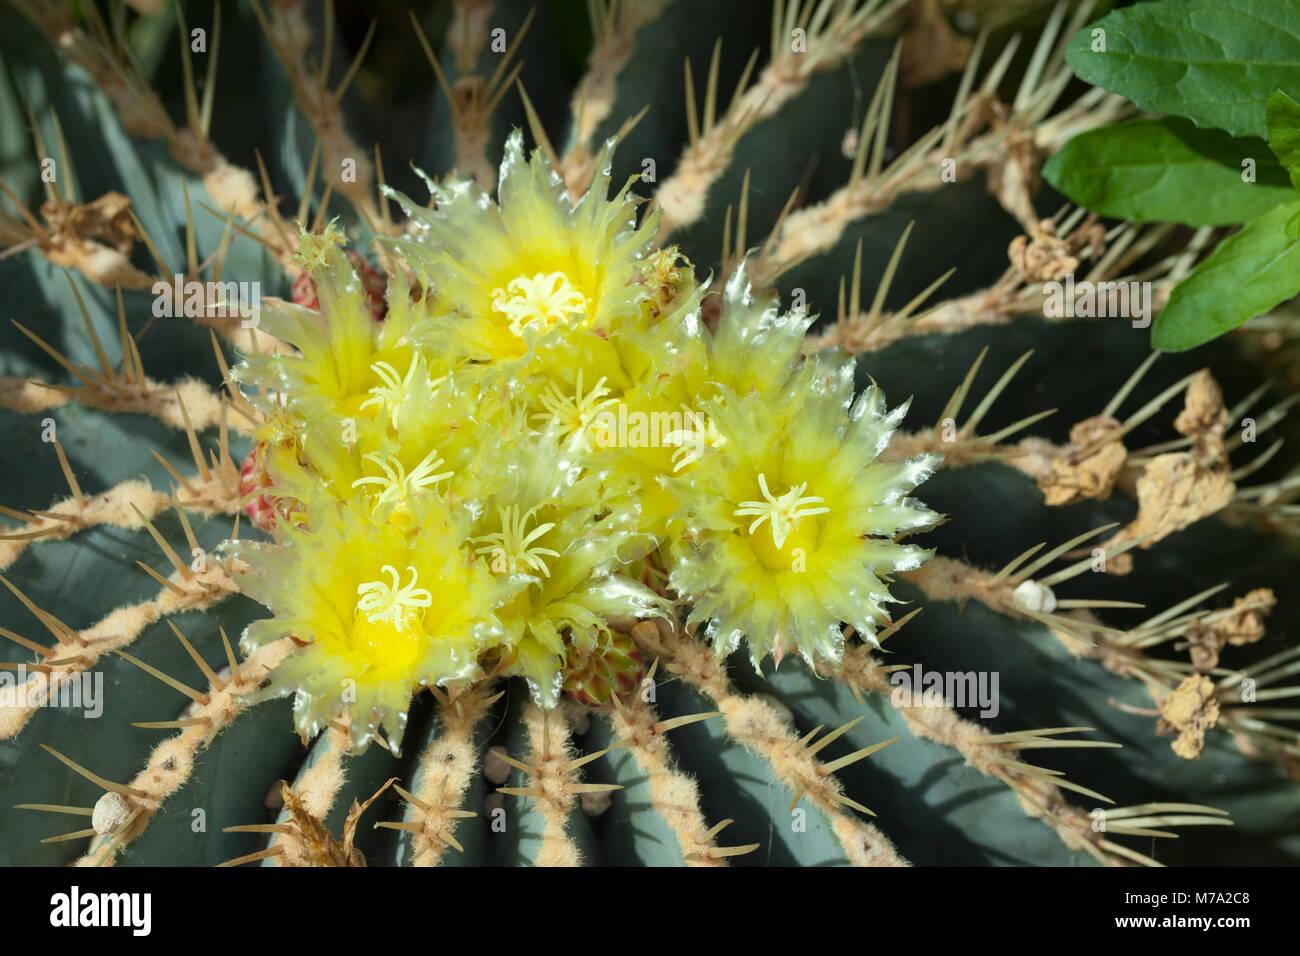 Glaucous barrel cactus, Blågrön djävulstunga (Ferocactus glaucescens) Stock Photo